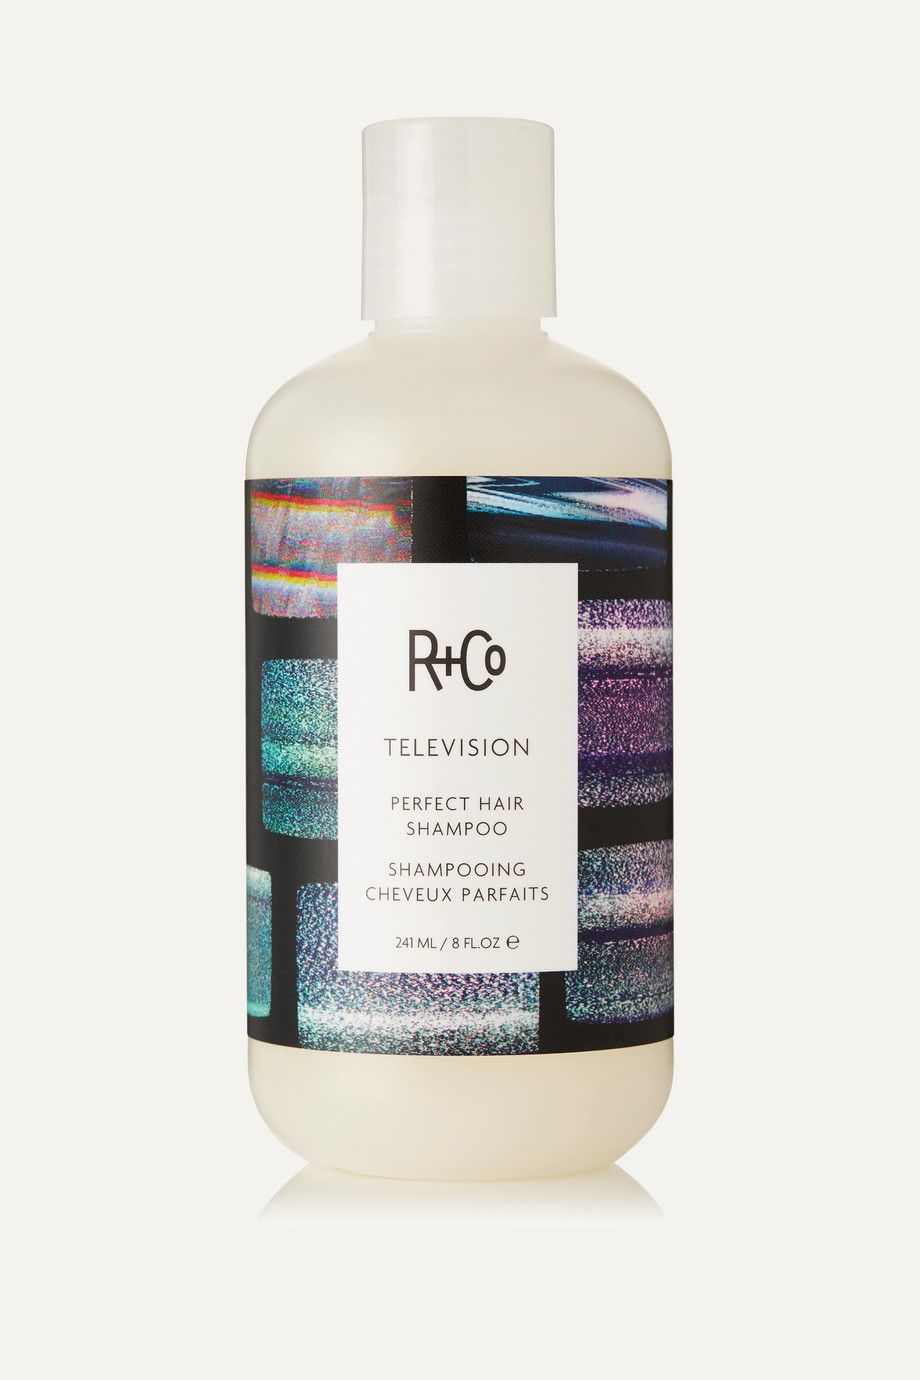 R+Co Television Perfect Hair Shampoo, 241 ml – Shampoo